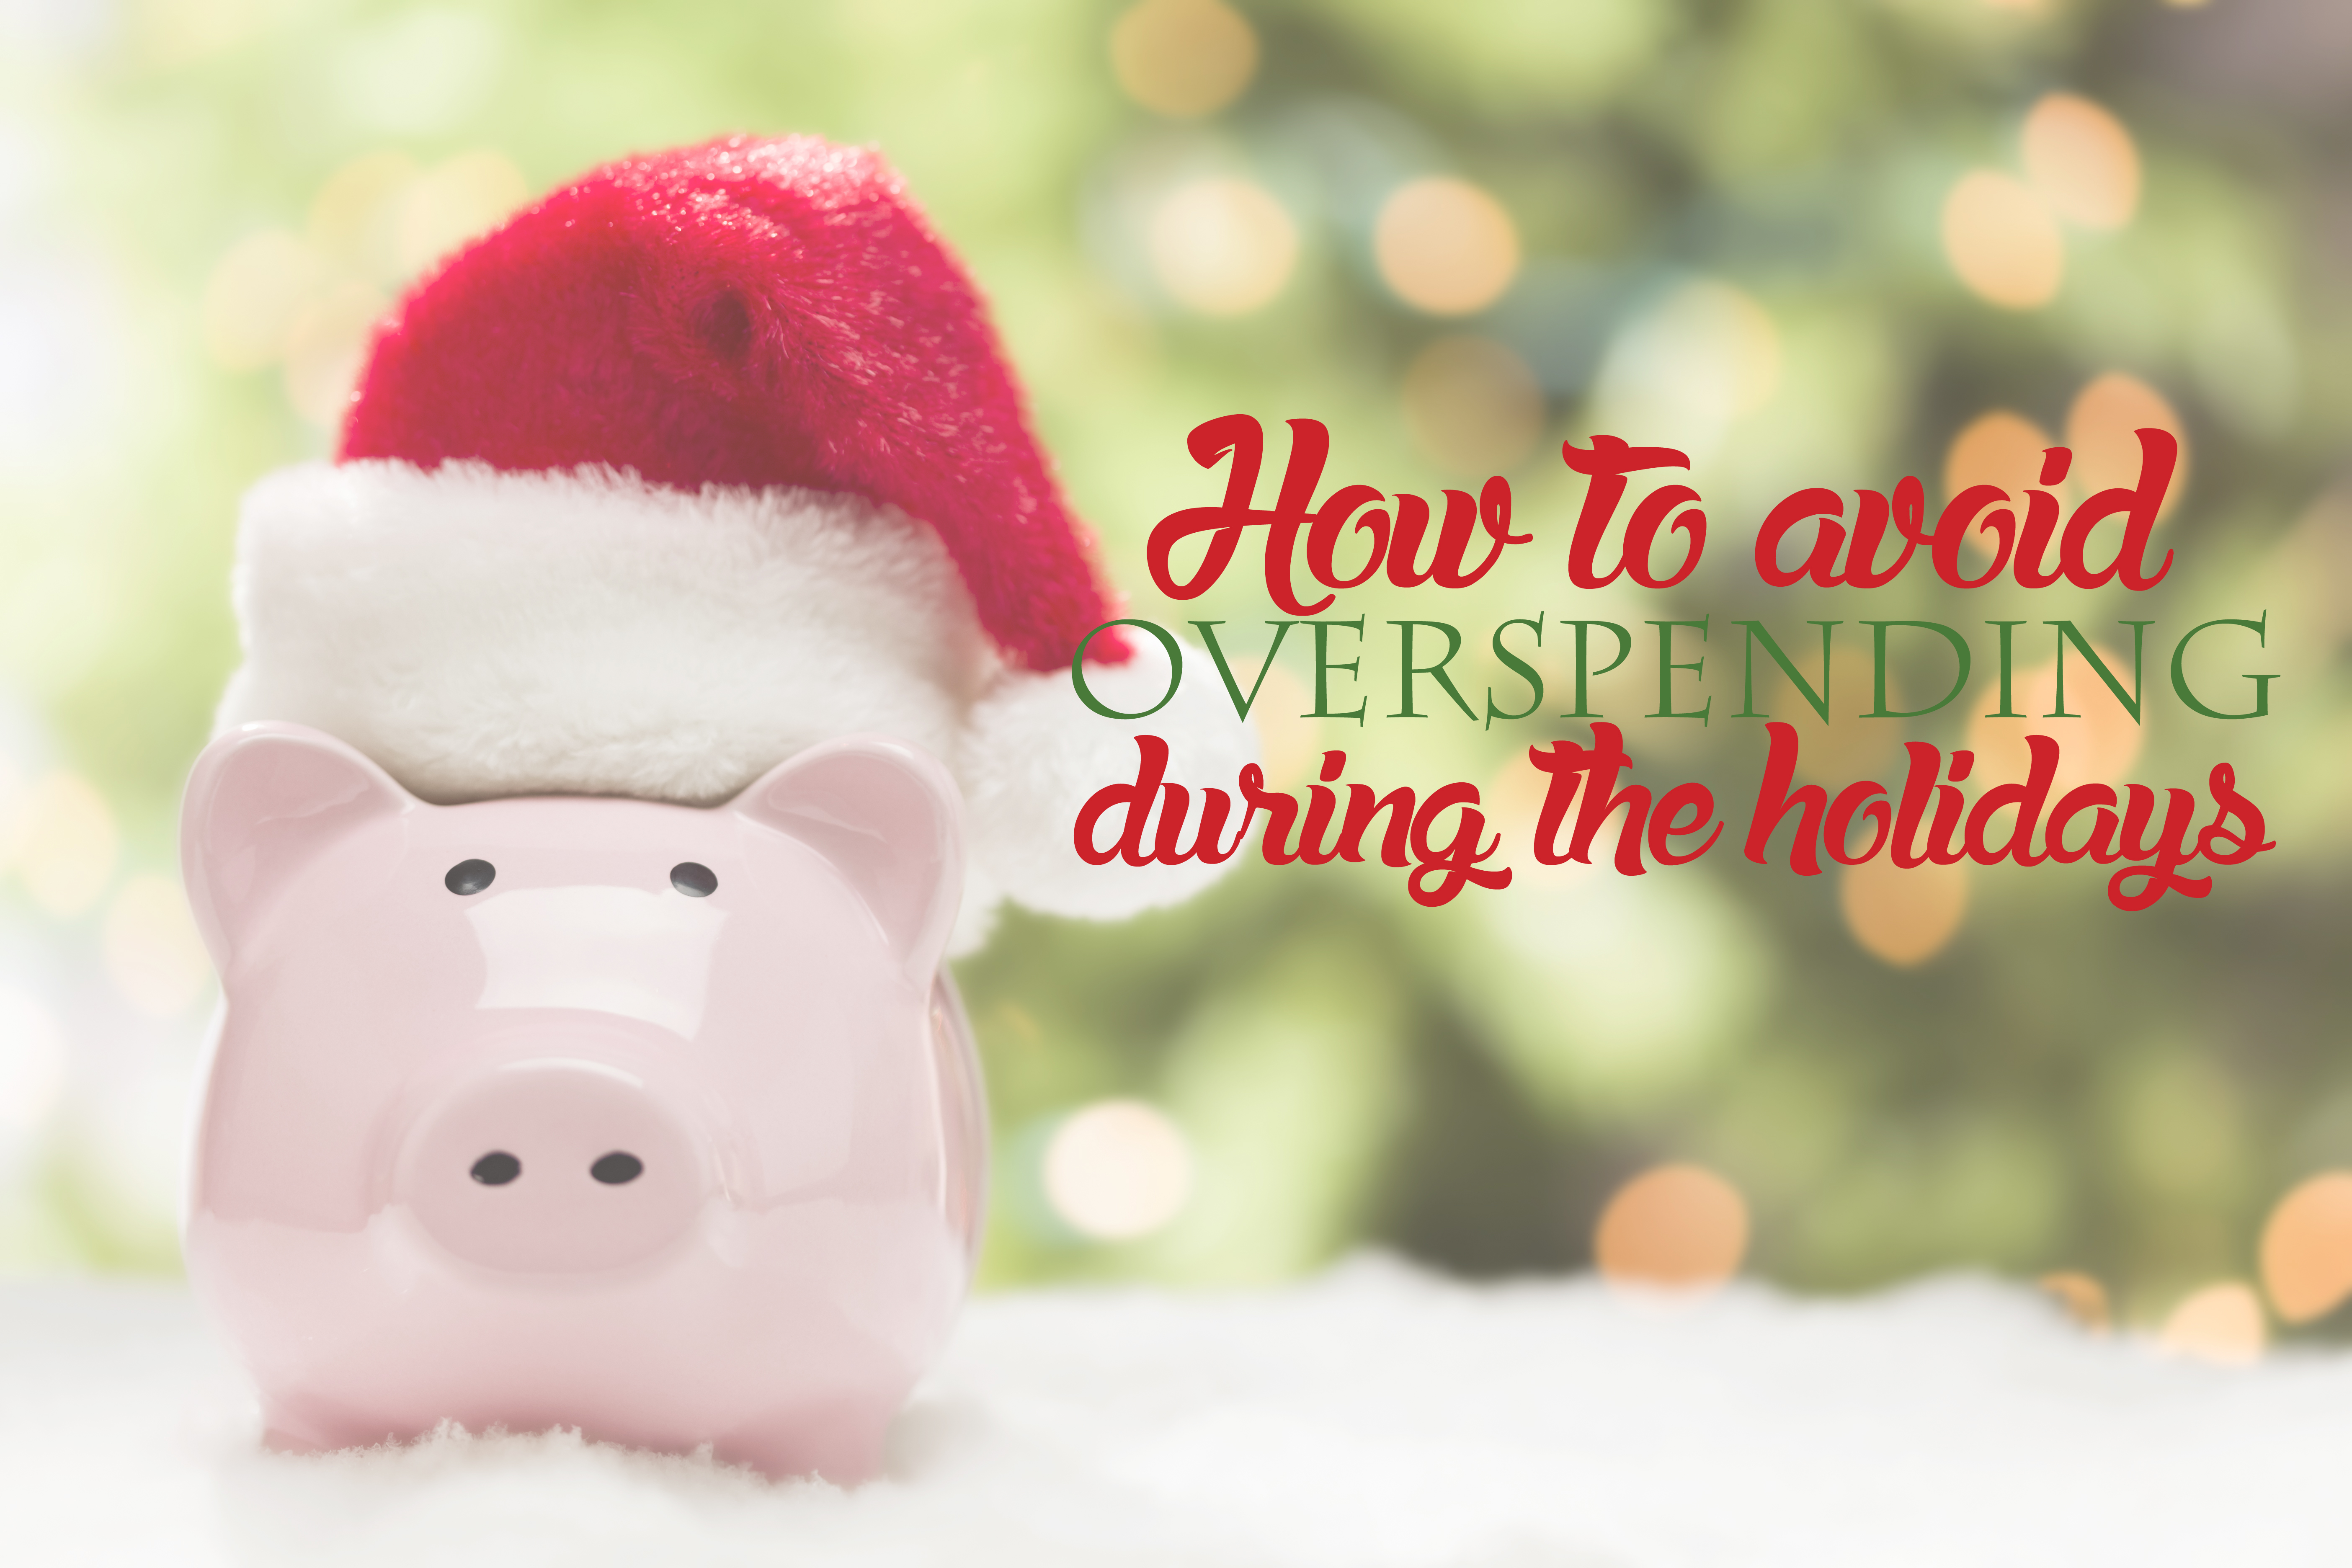 https://eatdrinkandsavemoney.com/wp-content/uploads/2015/11/How-to-avoid-overspending-during-the-holidays.jpg